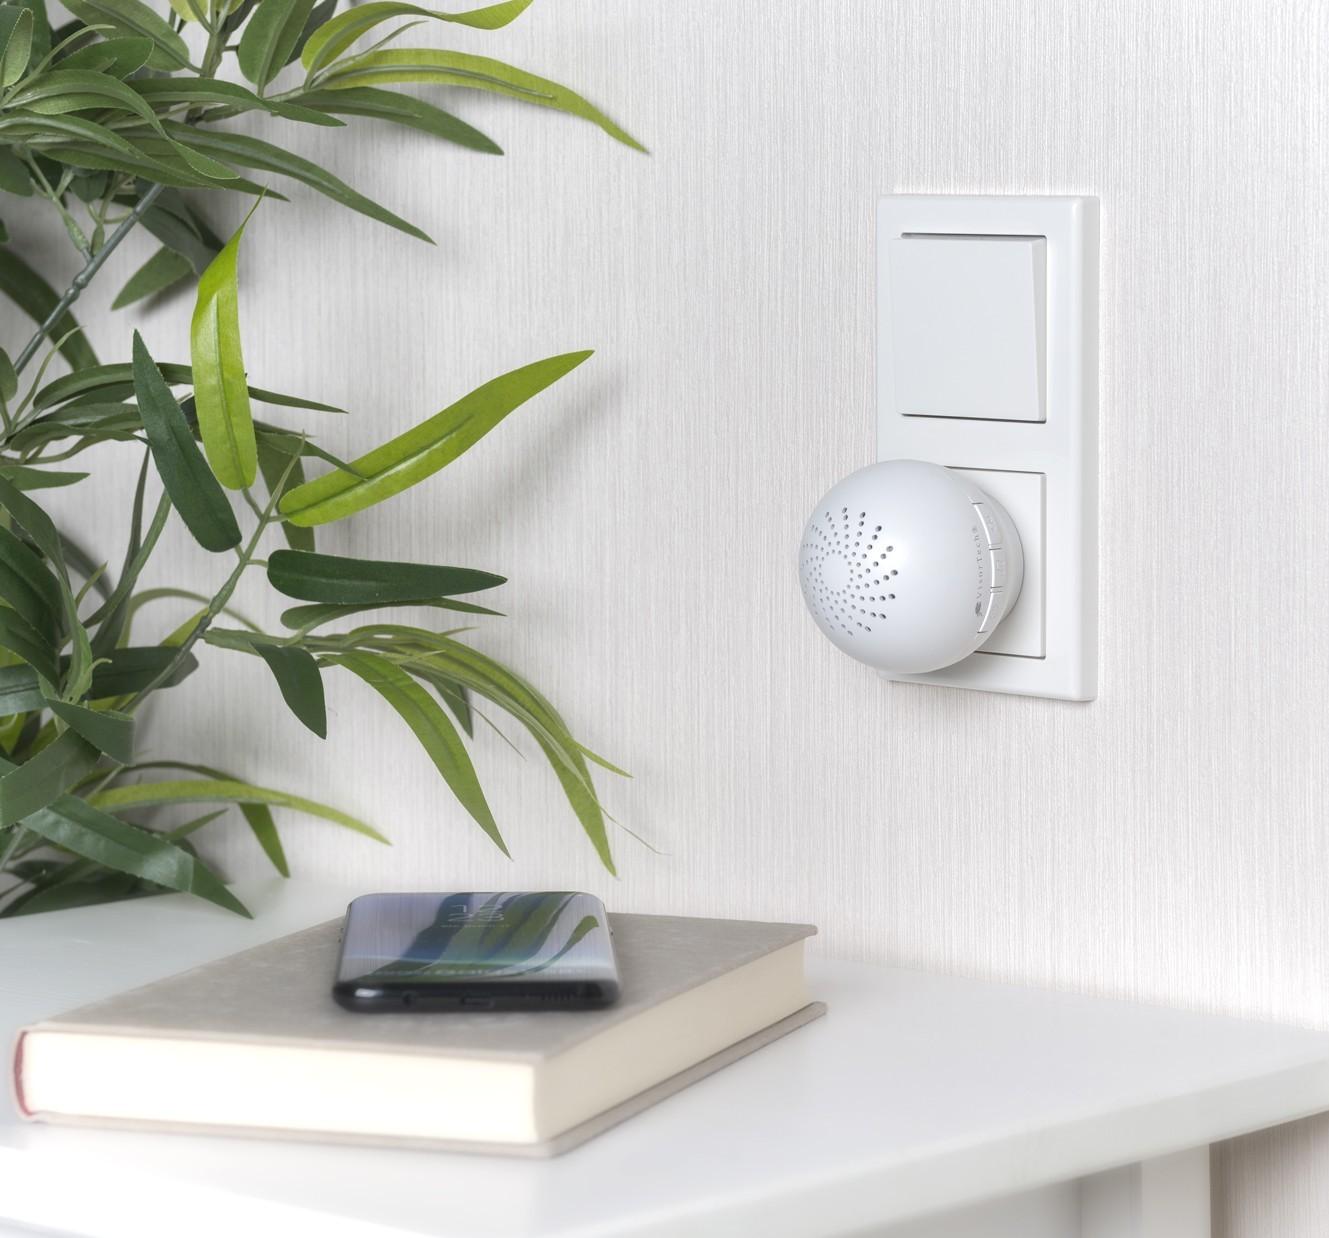 Produktvorstellung Funk-WLAN-Gateway macht Funk-Melder und -Sensoren auf dem Smartphone sichtbar - News, Bild 1